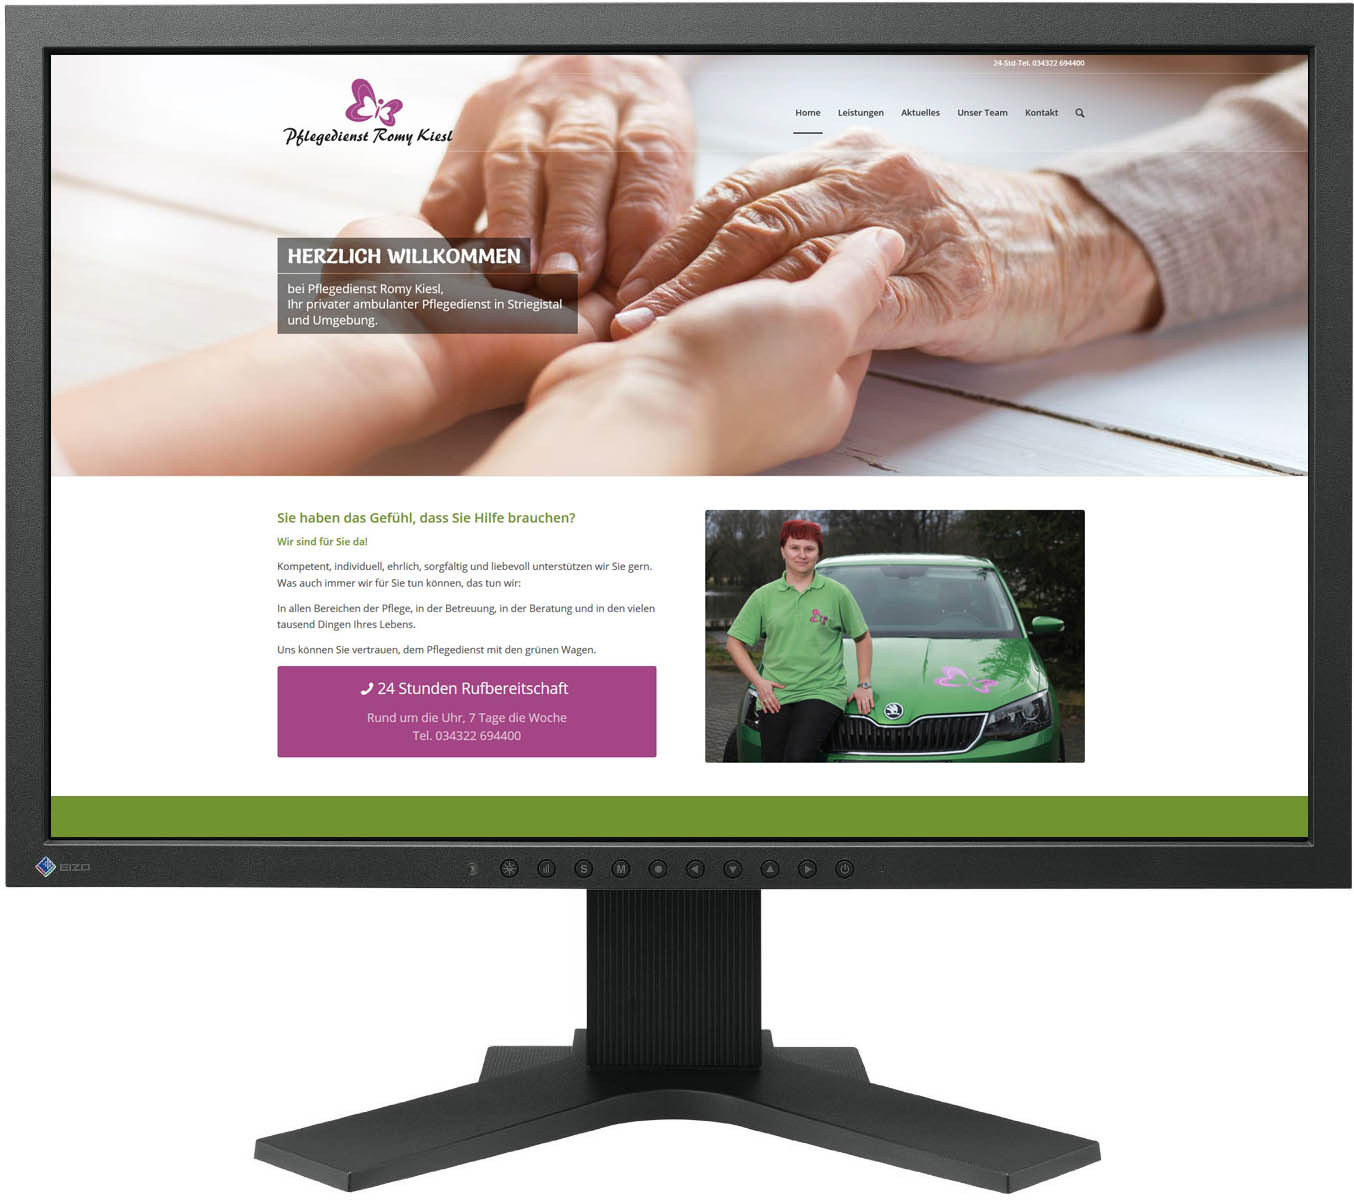 Gestaltung Website / Homepage für Pflegedienst Kiesl, Etzdorf